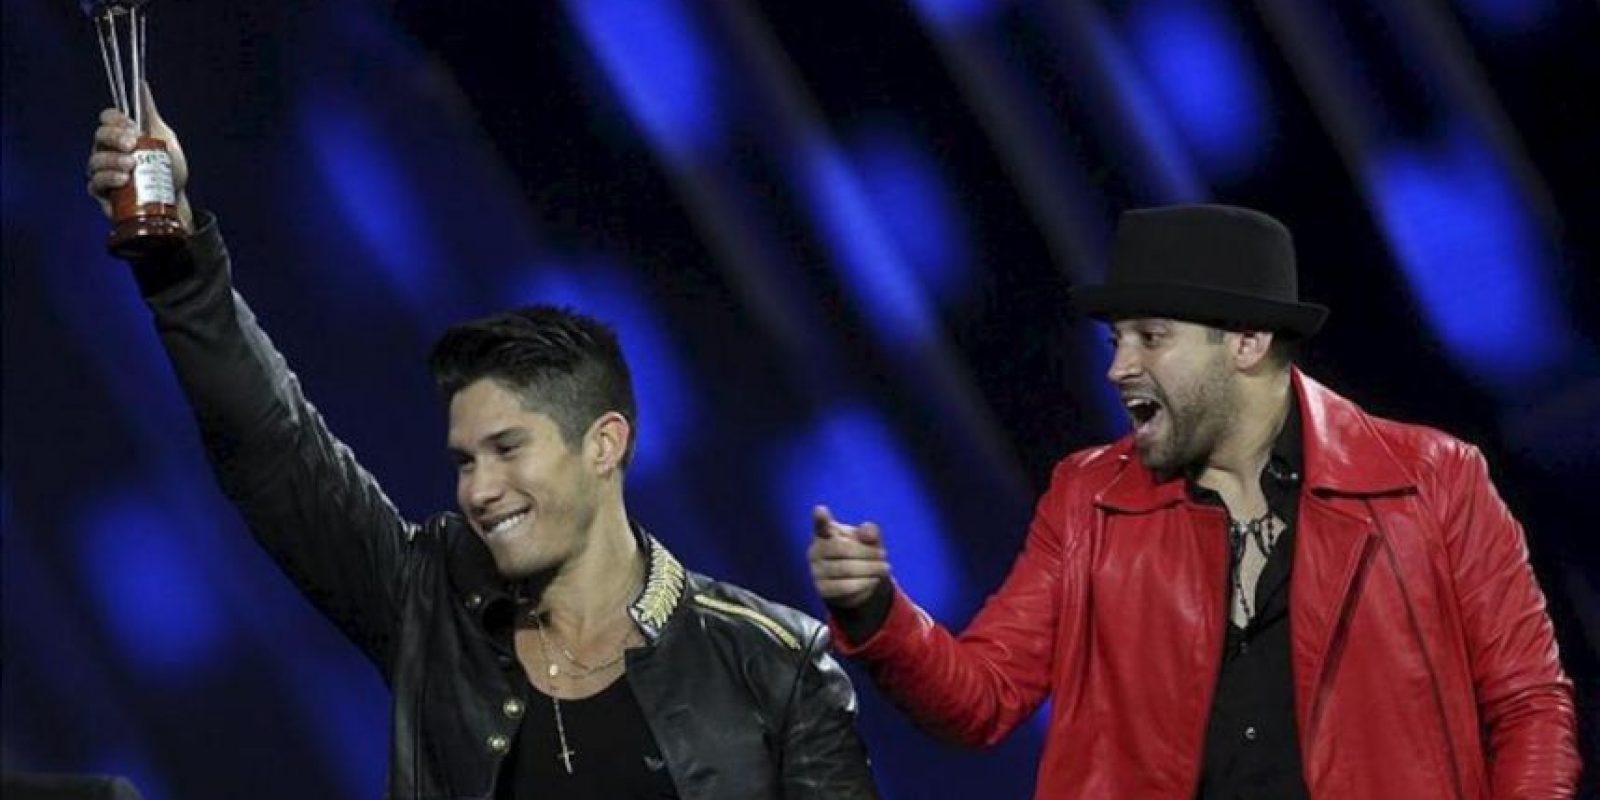 """El dúo venezolano Chino (d) y Nacho consagró los ritmos bailables y urbanos, fusionados con toques pop y tropicales, como una de las recetas """"supremas"""" del Festival de Viña del Mar. EFE"""